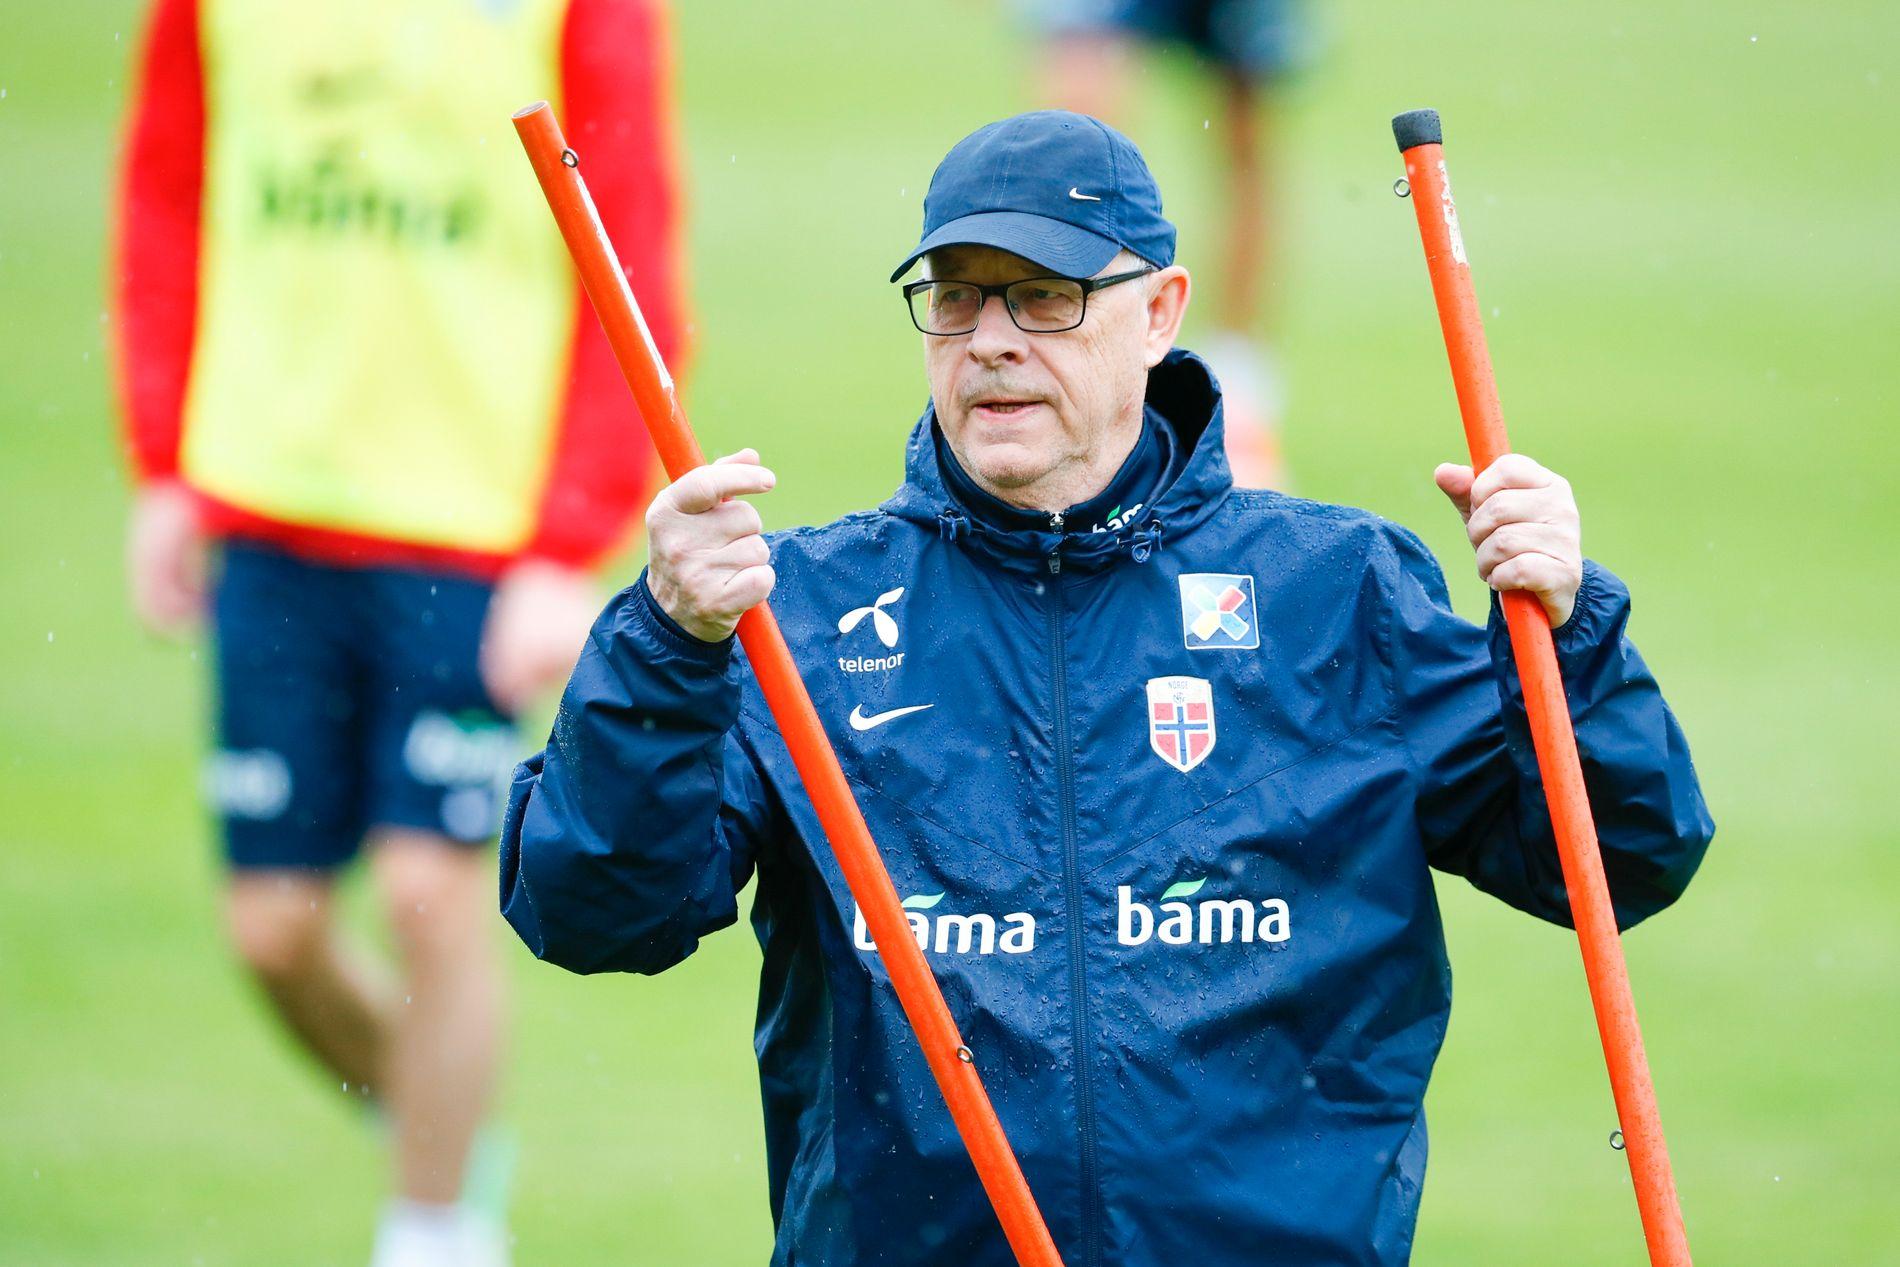 TRENINGSTRØBBEL: Onsdag måtte Lars Lagerbäck og resten av landslaget reise 40 minutter hver vei for å trene i Lillestrøm. Det er tid og energi han heller vil bruke på andre ting.